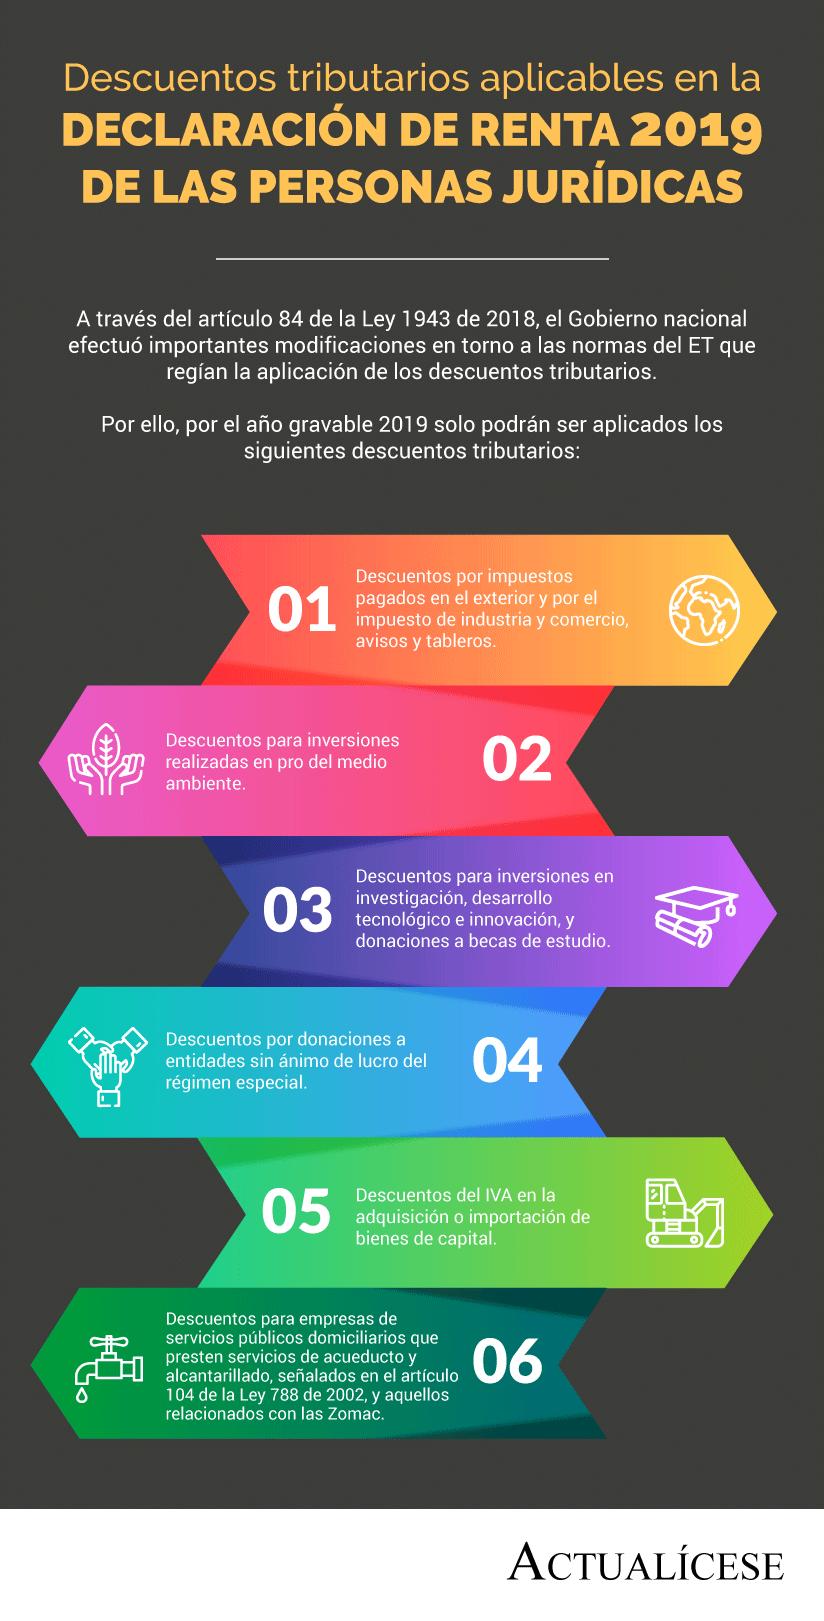 Descuentos tributarios aplicables en la declaración de renta 2019 de las personas jurídicas